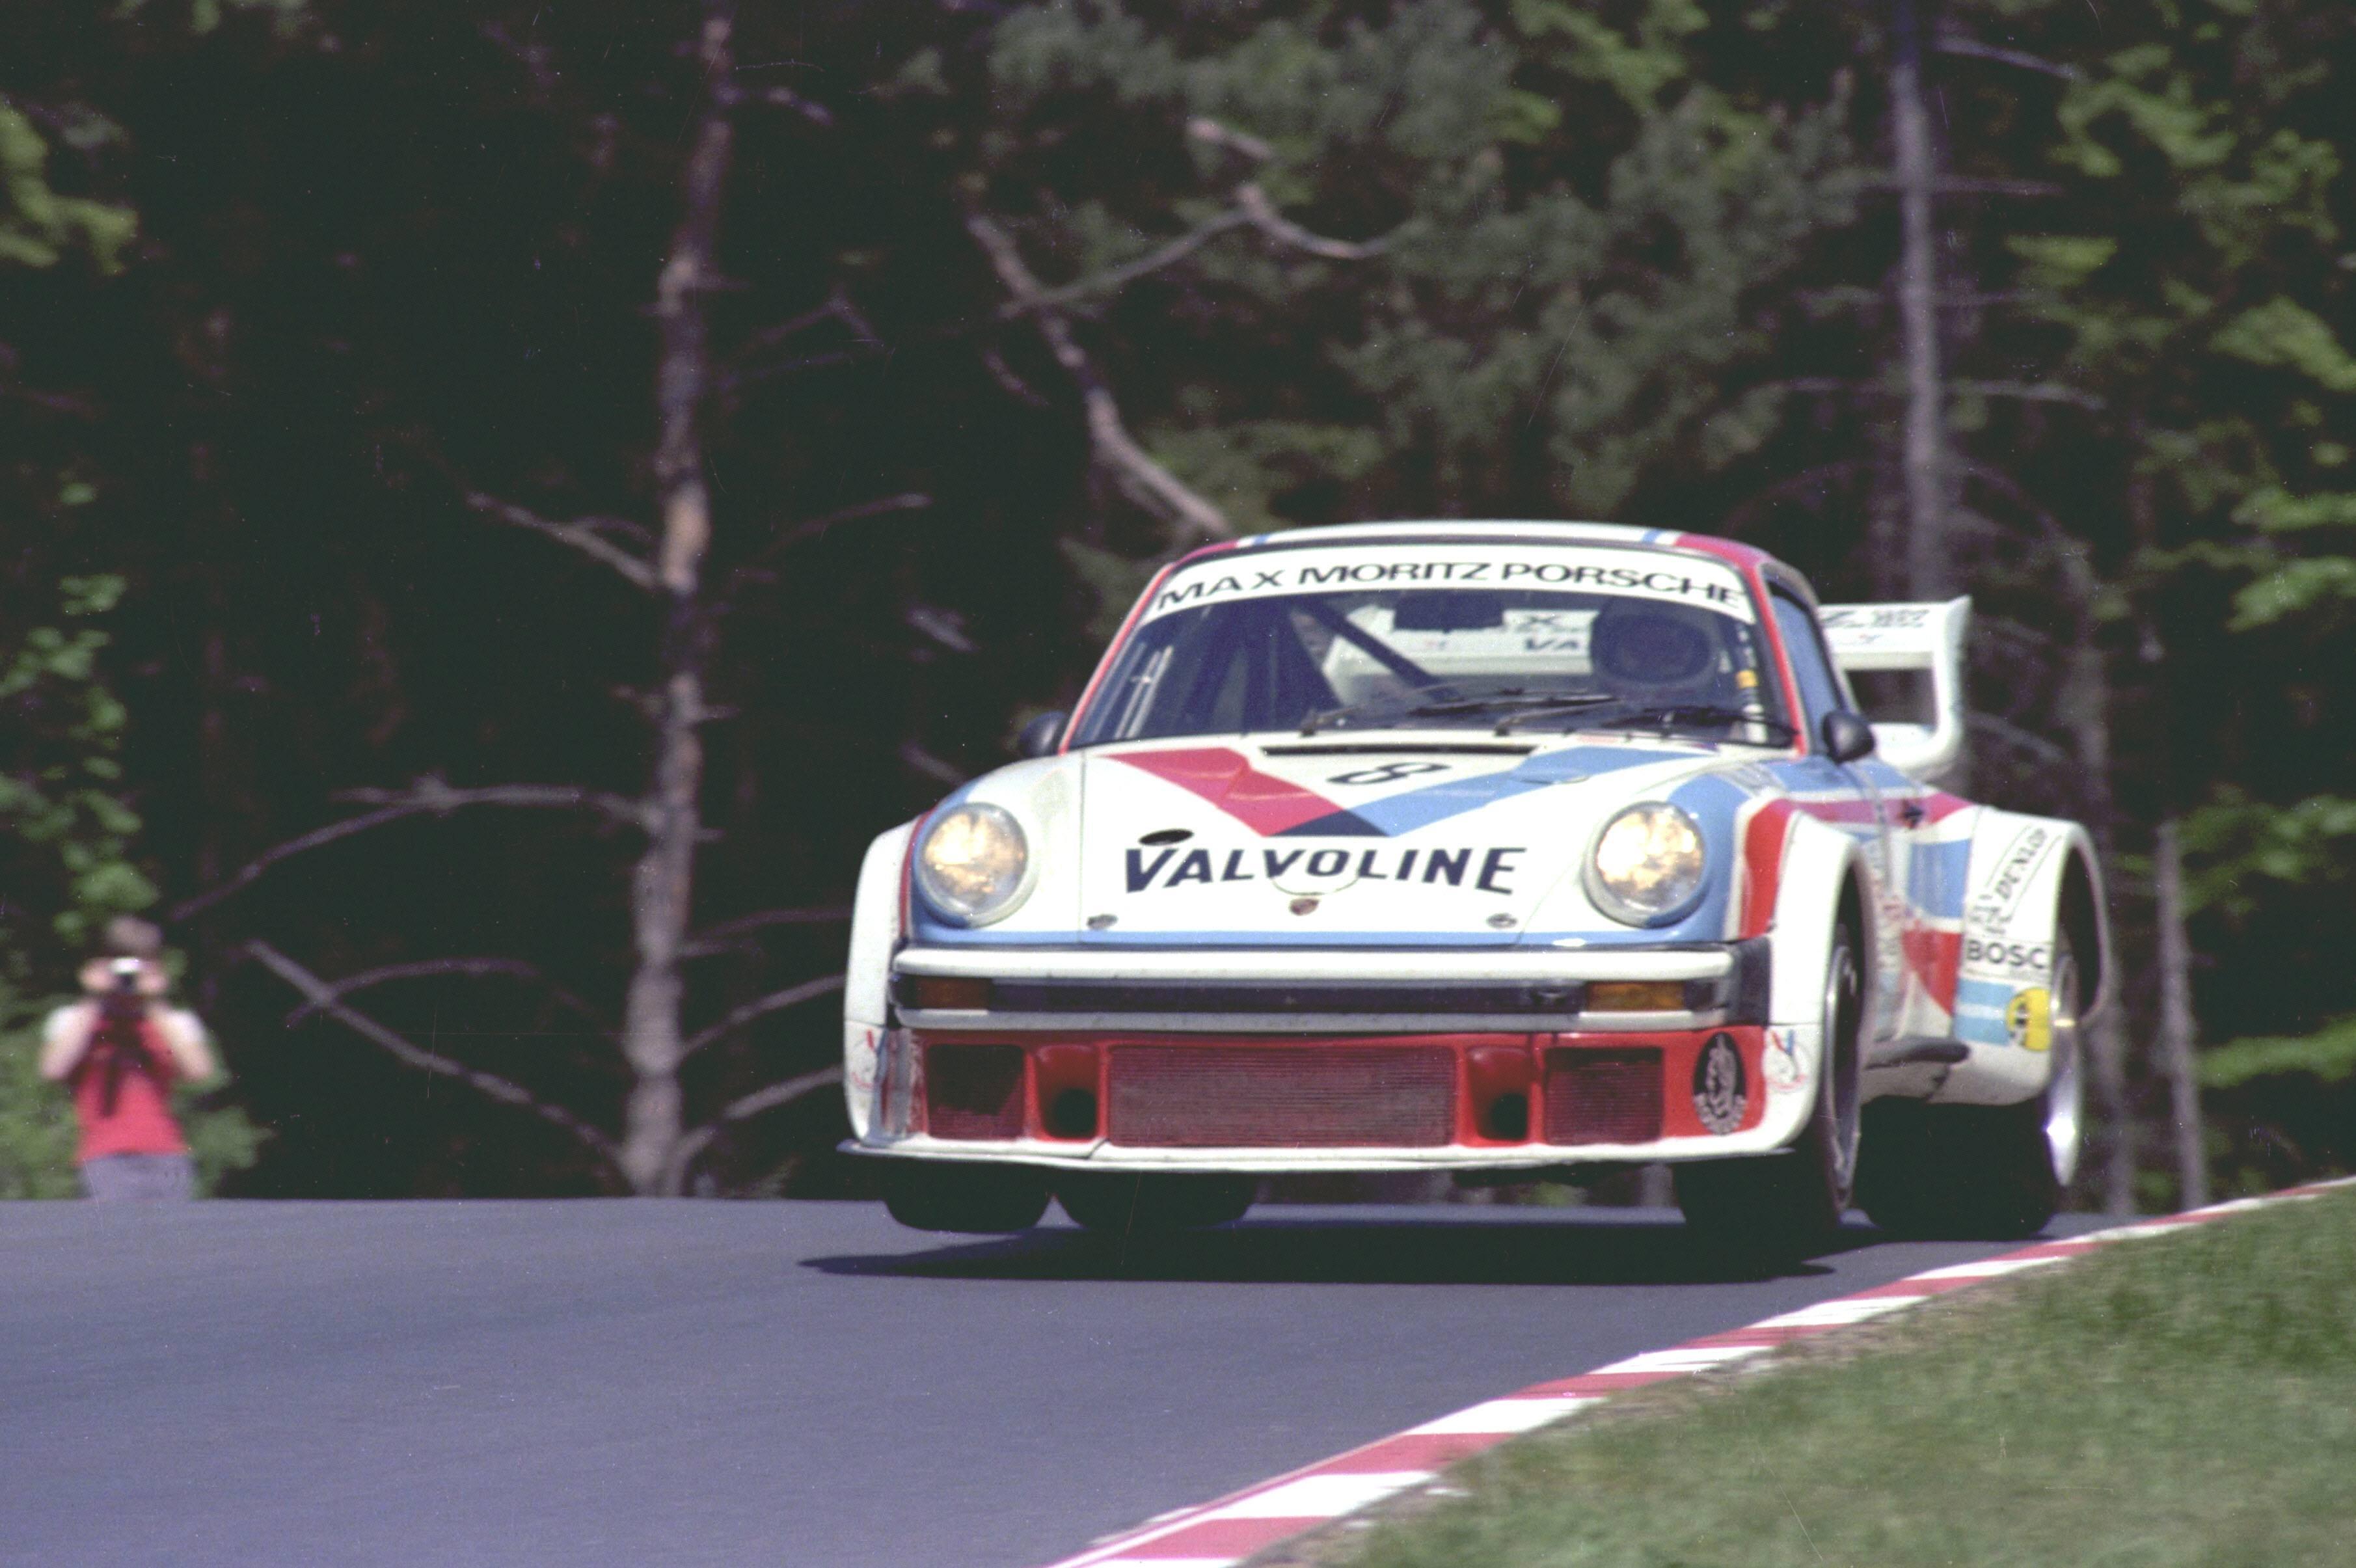 A Porsche 934/5 Porsche Werkfoto